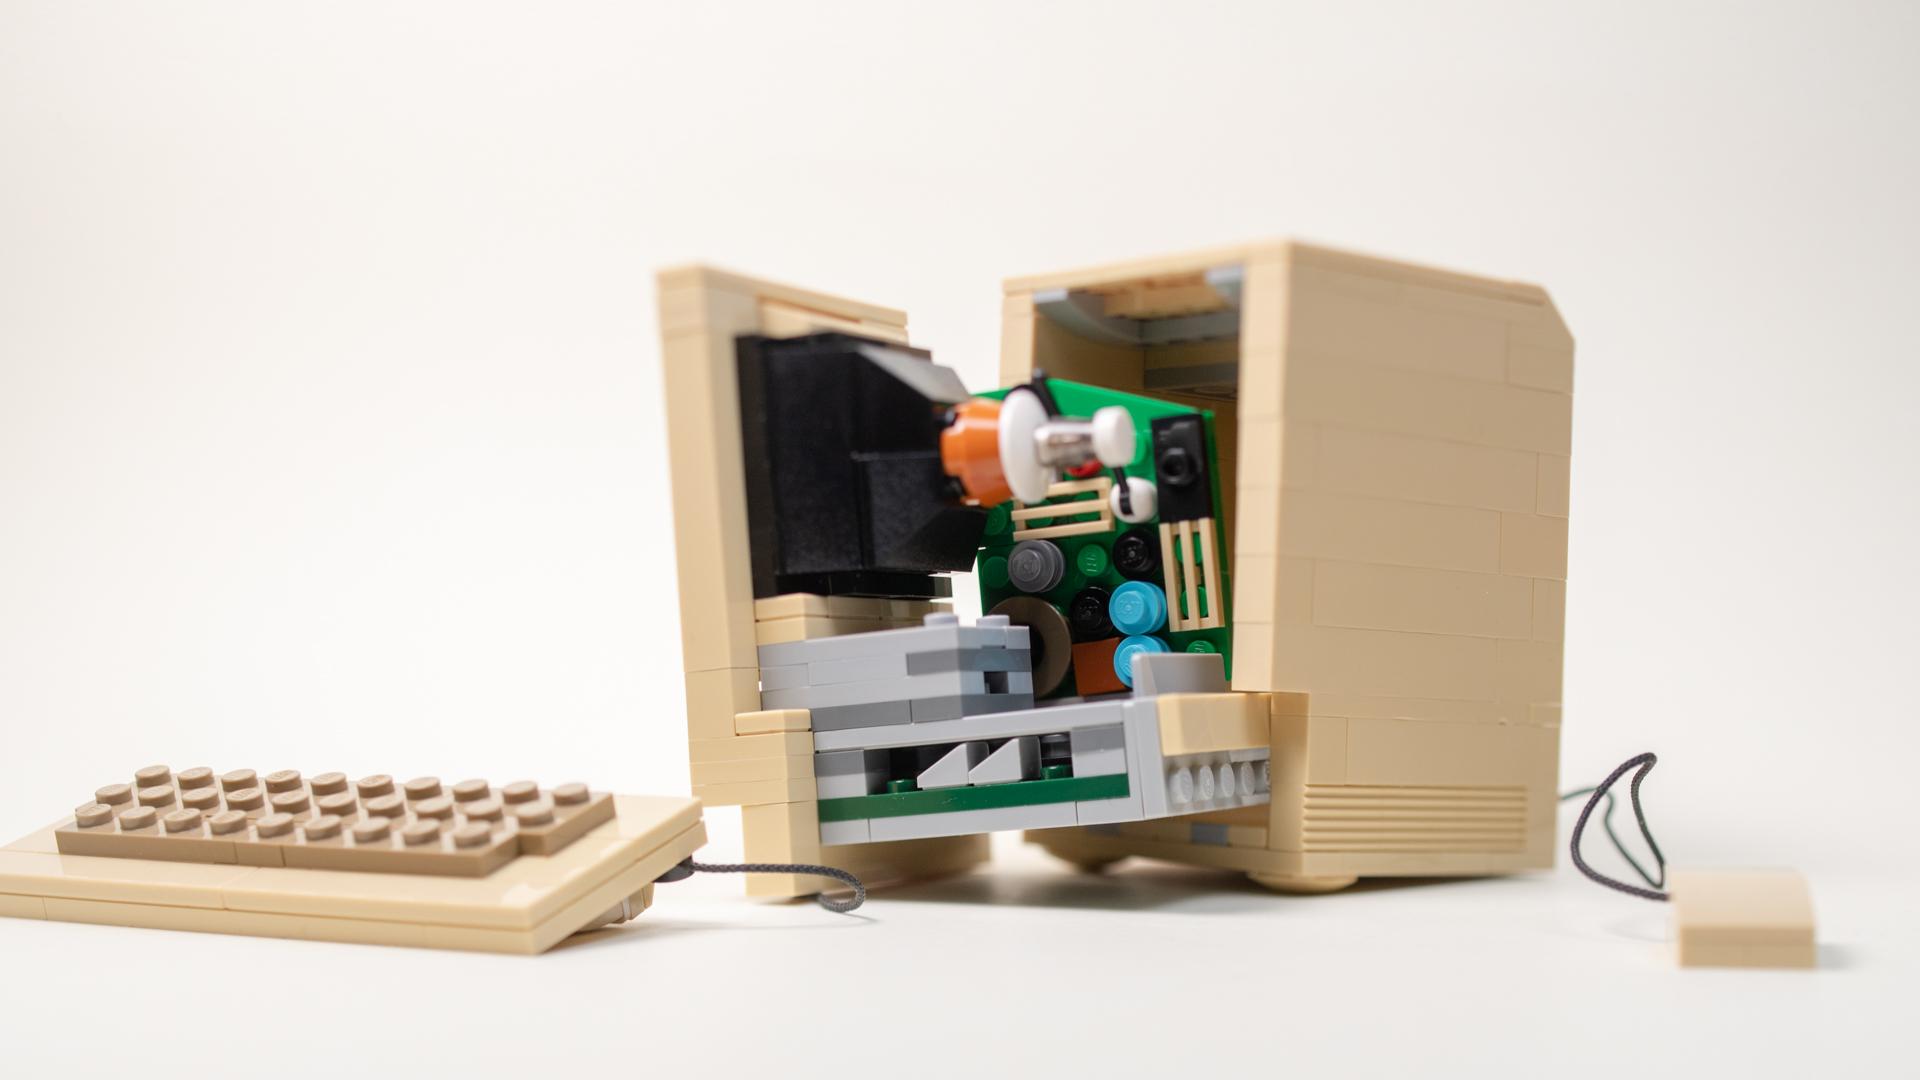 Dator i lego